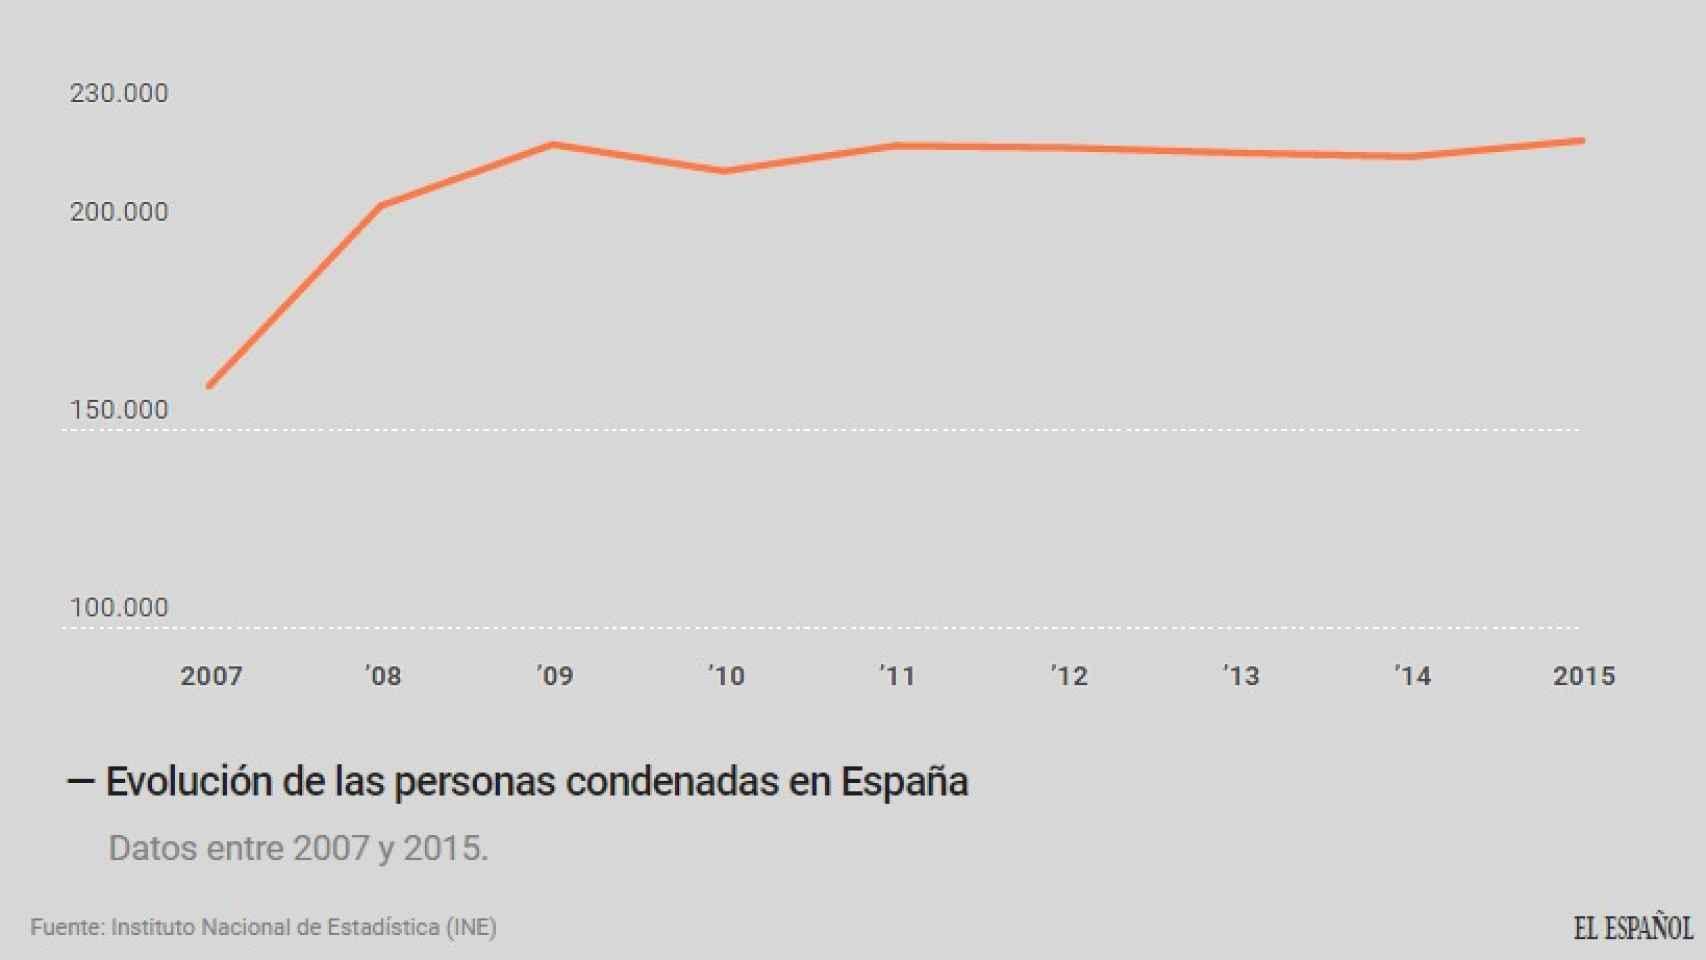 Evolución de las personas condenadas en España.